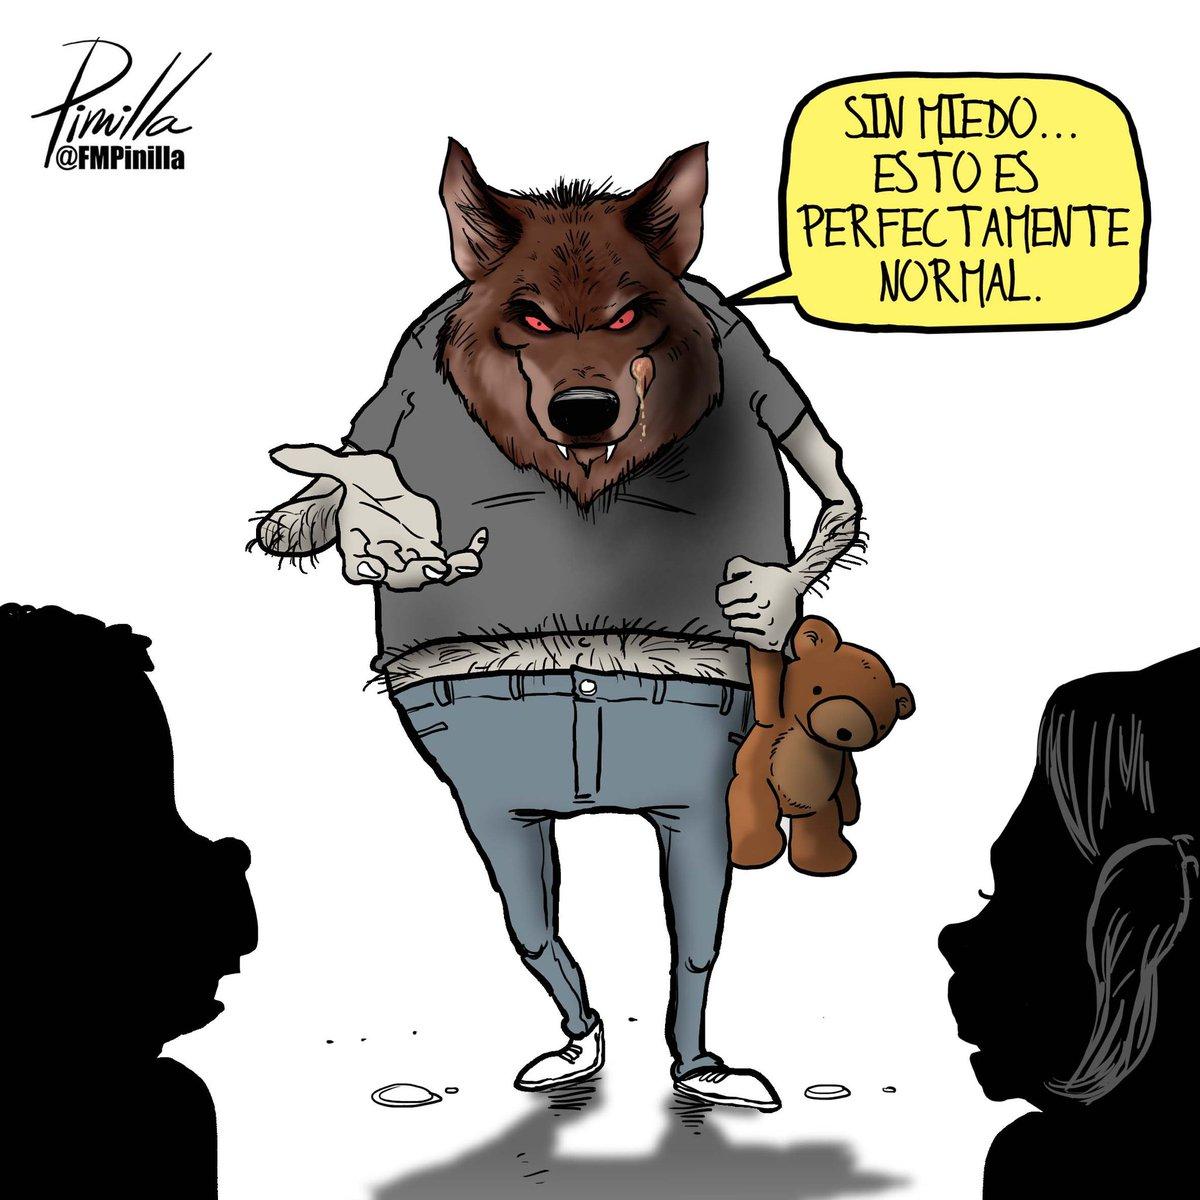 La #pedofilia y #pederastia no son conductas normales, sanas e inofensivas. ¡No aceptemos esta mentira! #dibujolibre para @DLasAmericas. #USA. https://t.co/WyUB00XfaD